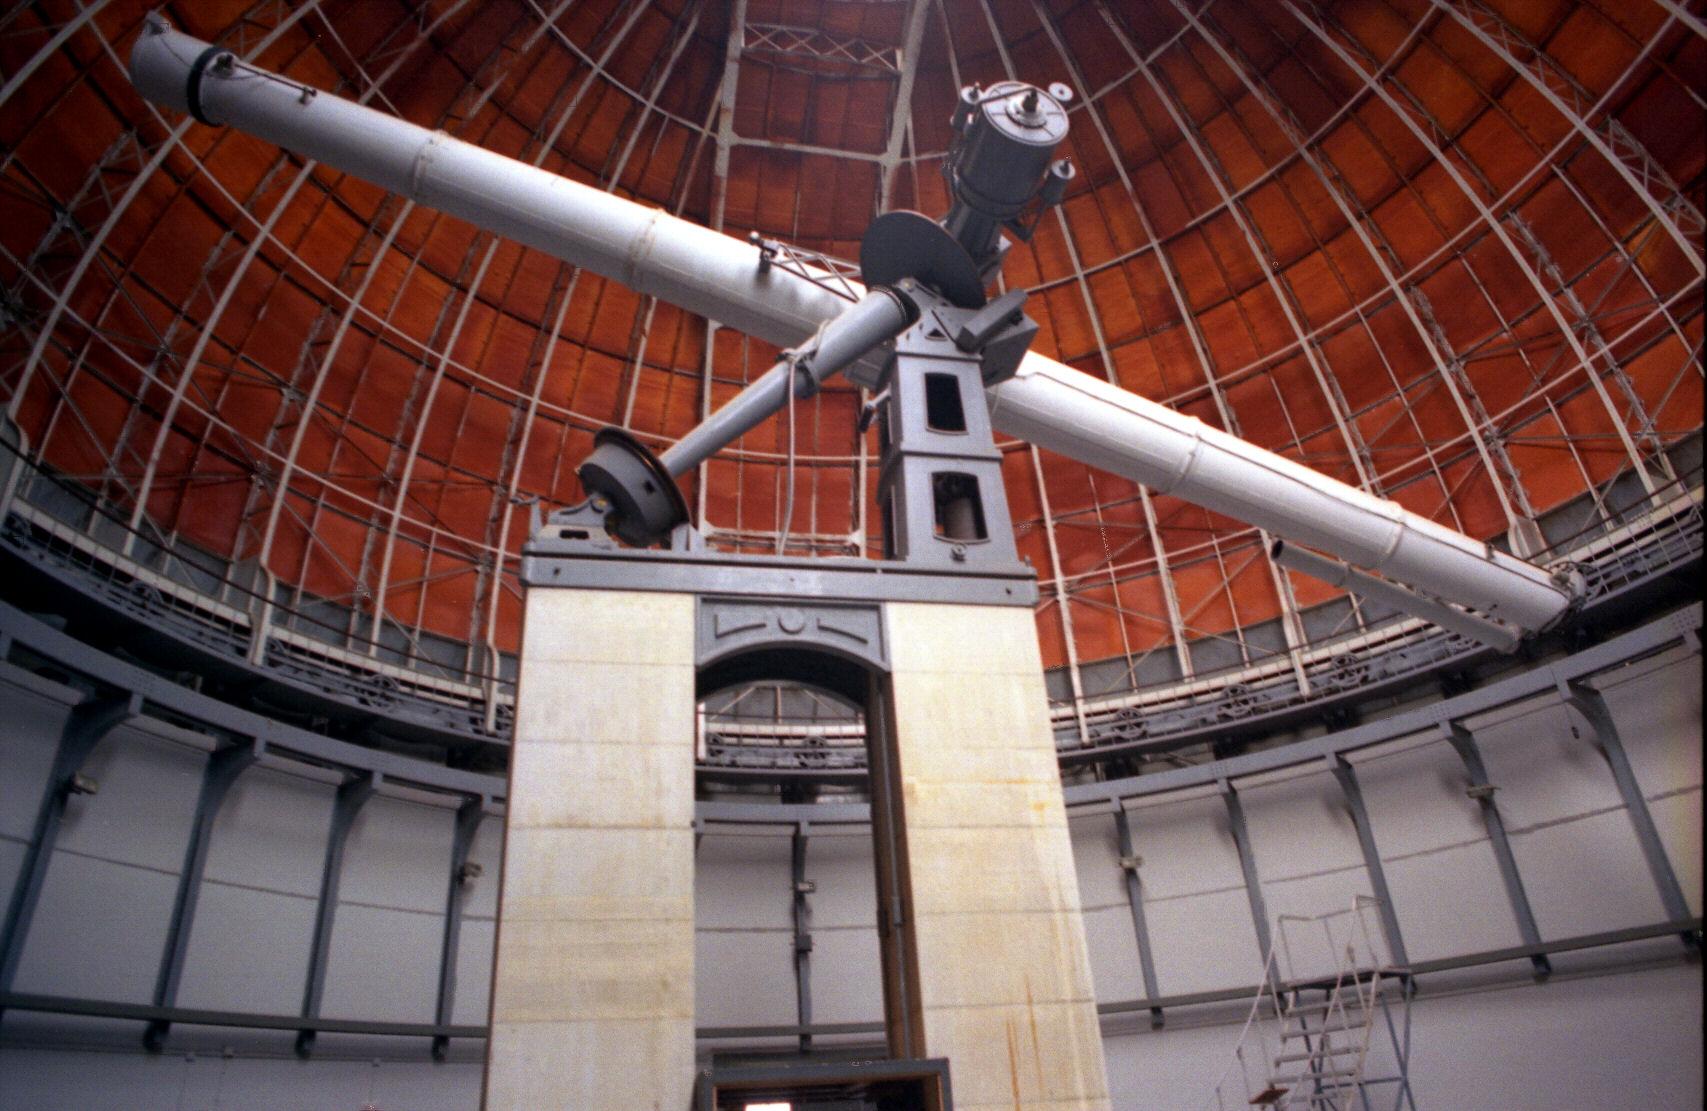 9b1f417704 Lunette astronomique — Wikipédia